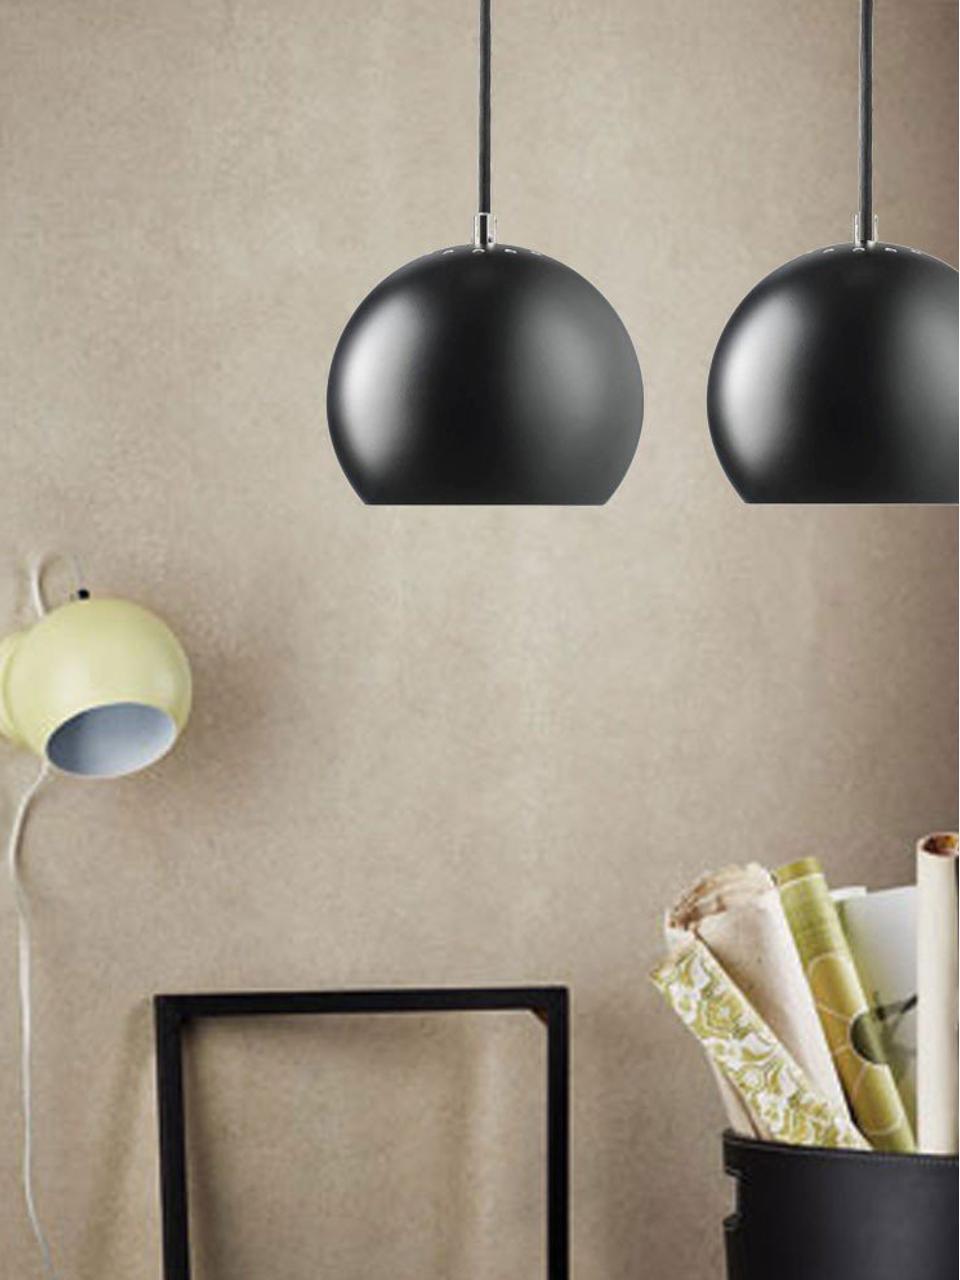 Kleine Kugel-Pendelleuchte Ball, Metall, pulverbeschichtet, Schwarz, matt, Ø 18 x H 16 cm